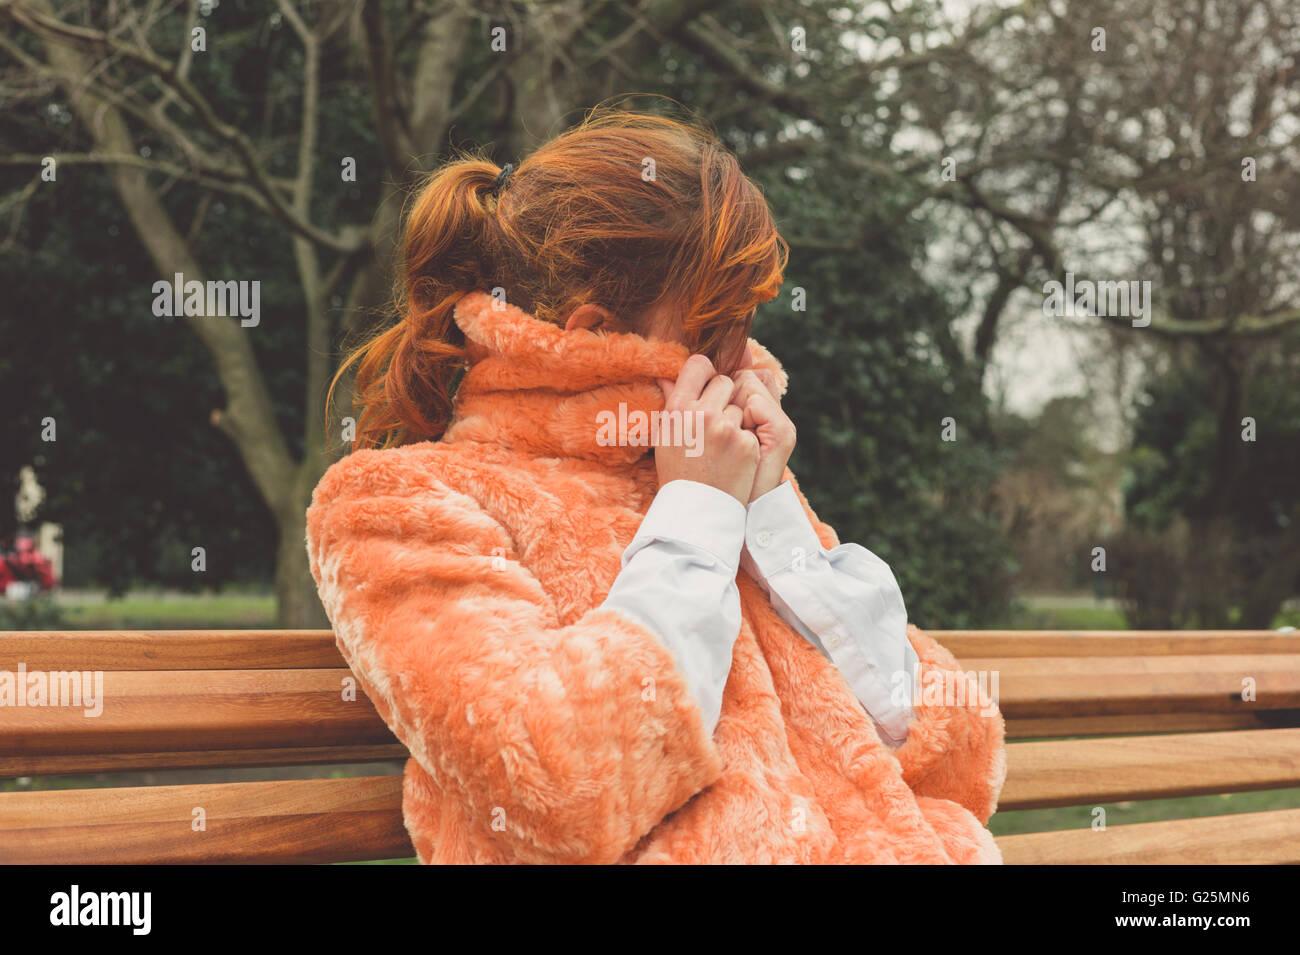 Une jeune femme est assise sur un banc de parc et s'enroule dans son manteau, un jour d'hiver Photo Stock